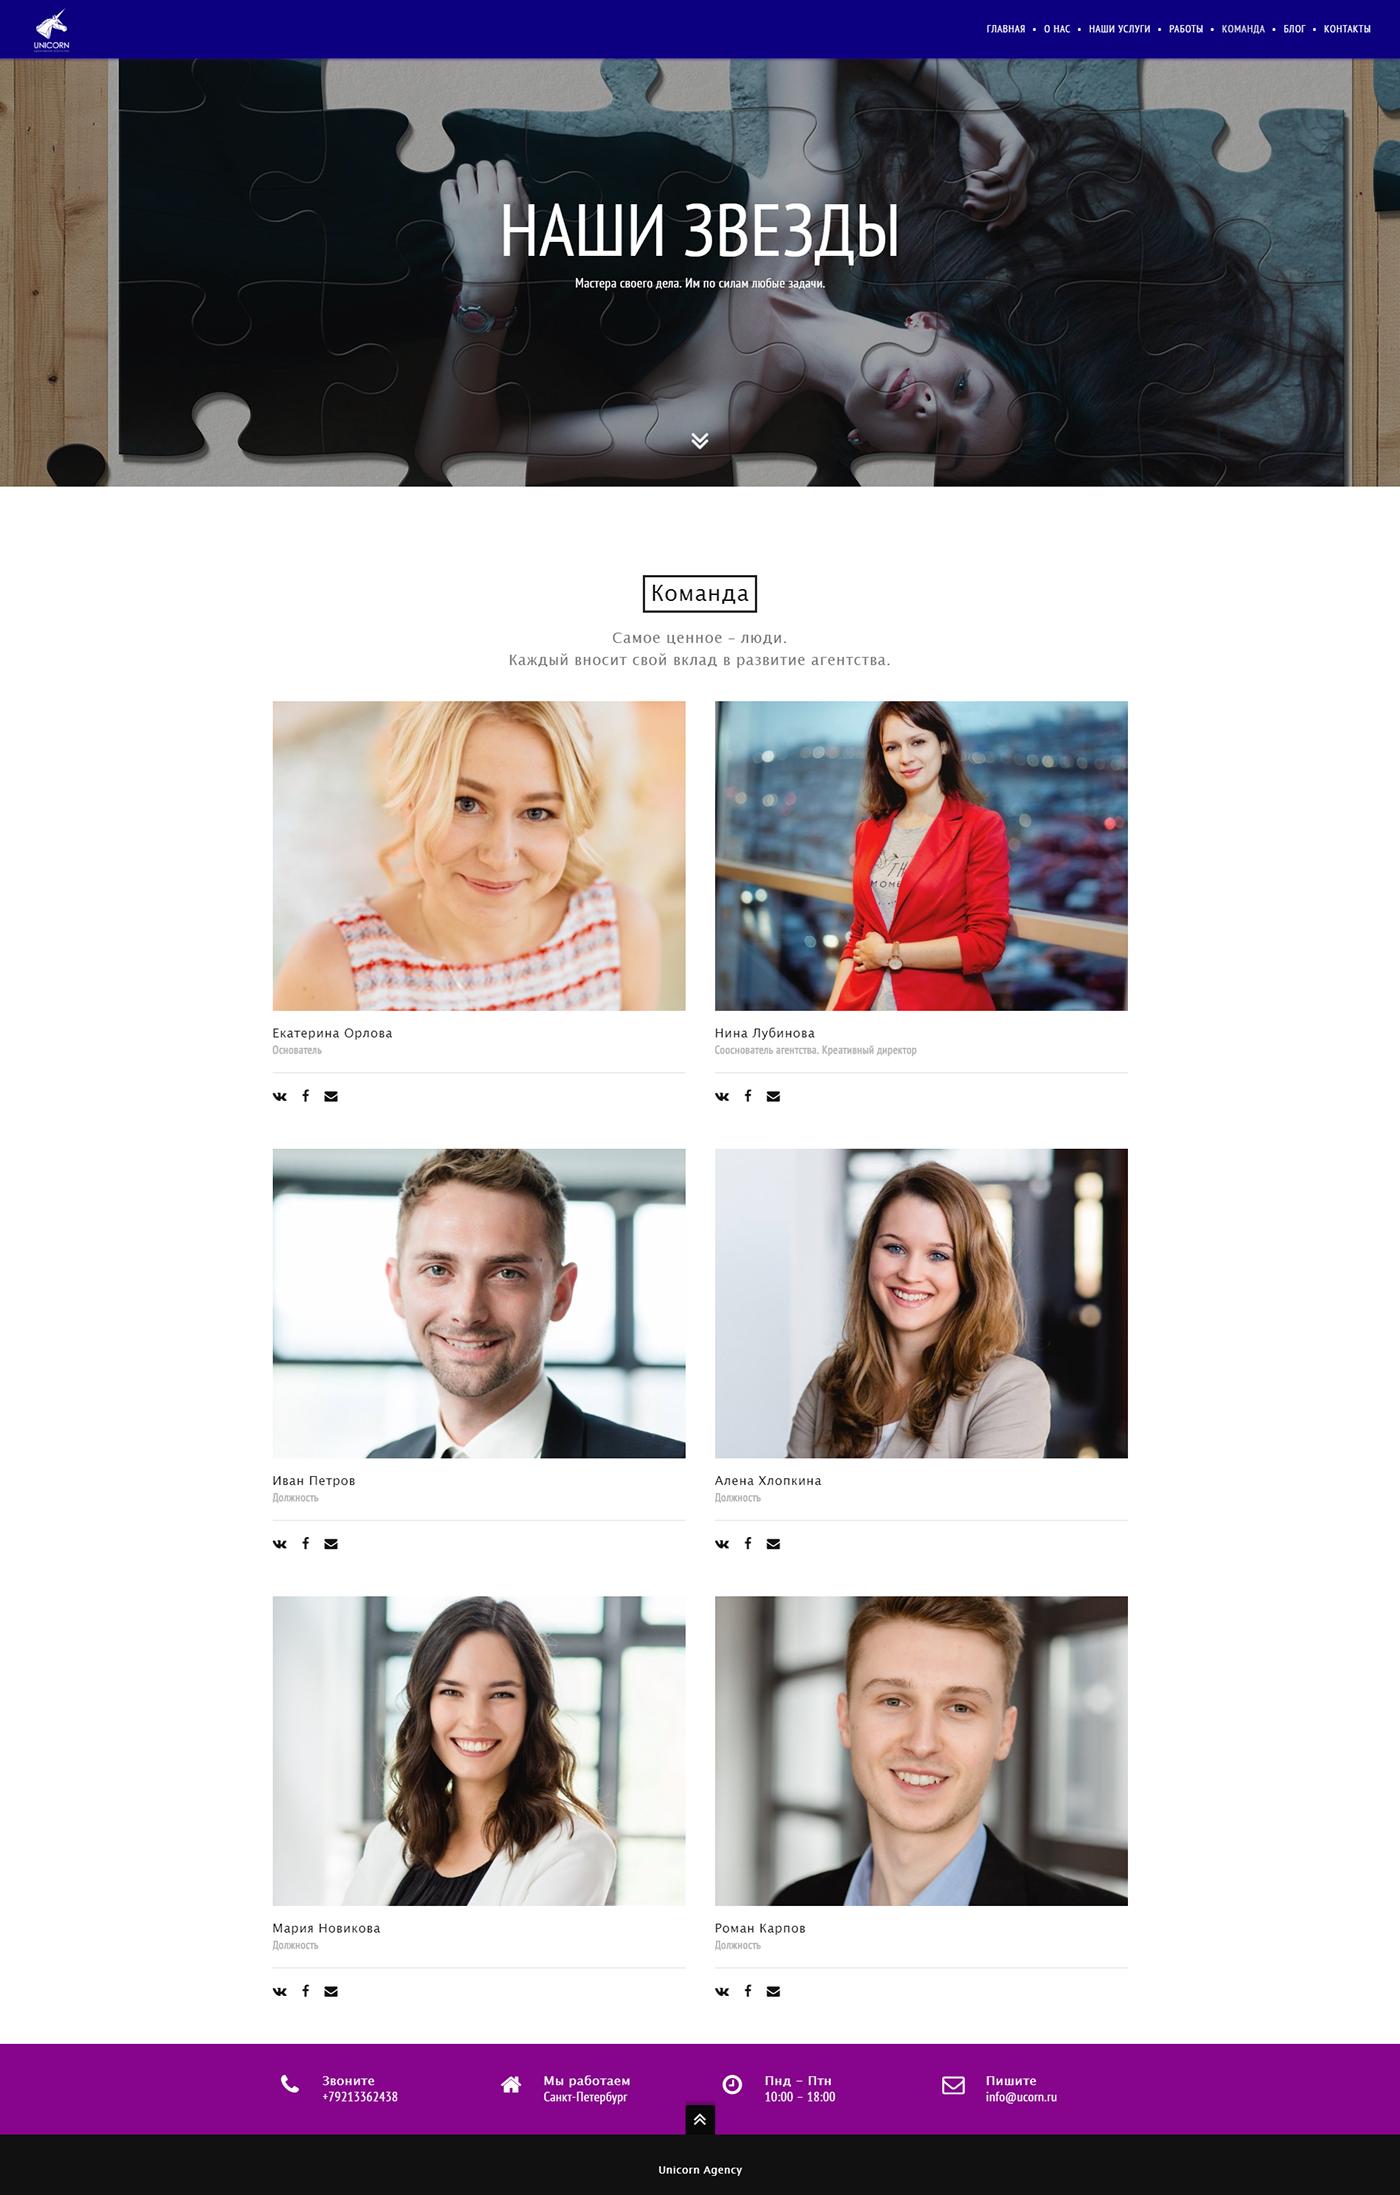 удобный сайт Сайт для рекламы адаптивный сайт сайт на WordPress красивый сайт Сайт рекламного агентства эксклюзивный дизайн